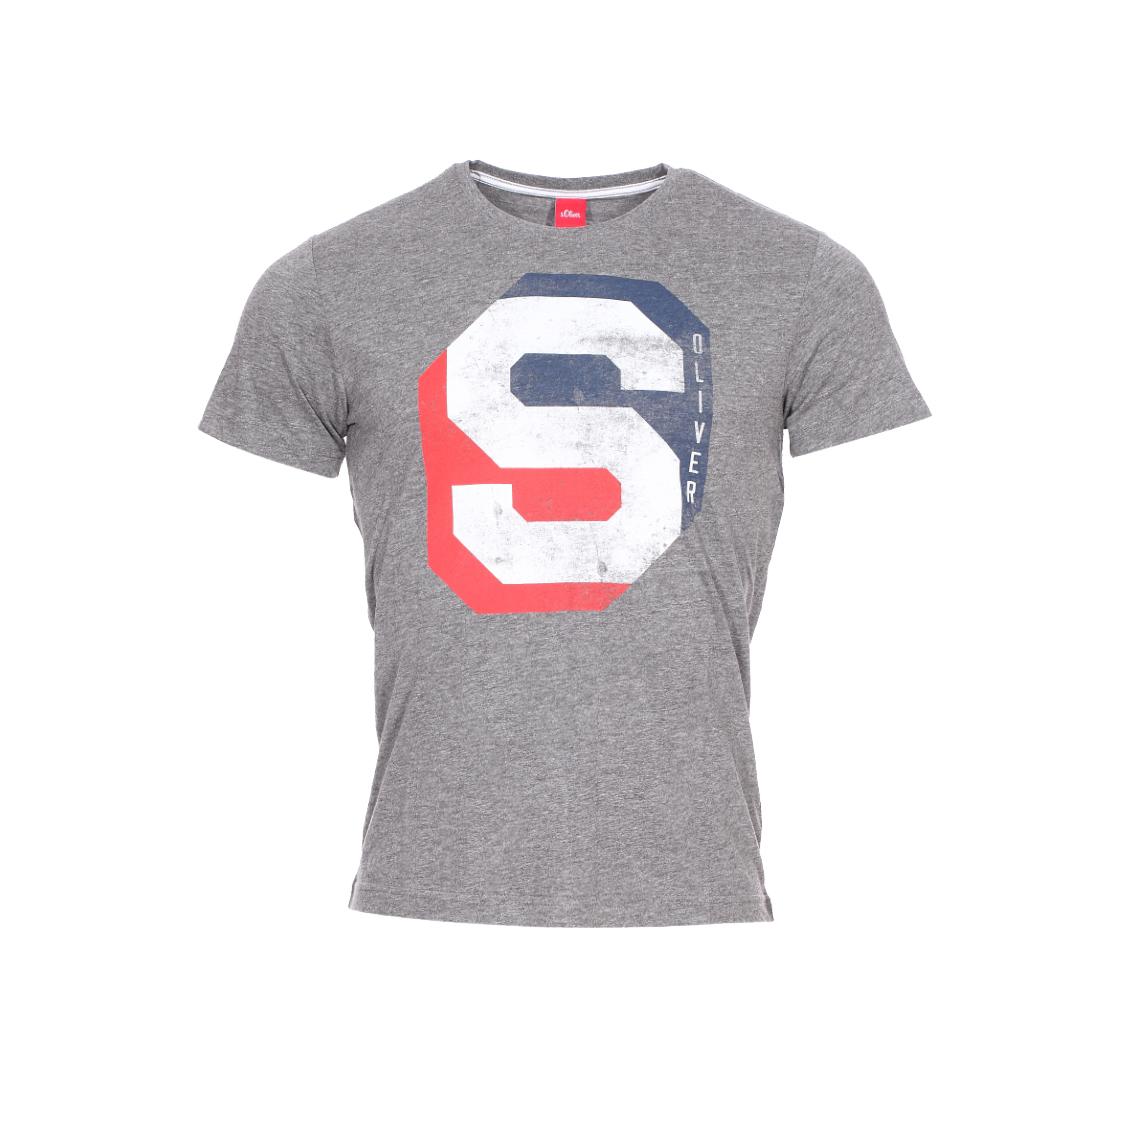 Tee-shirt col rond  en coton et viscose gris anthracite chiné floqué en rouge, blanc et bleu marine